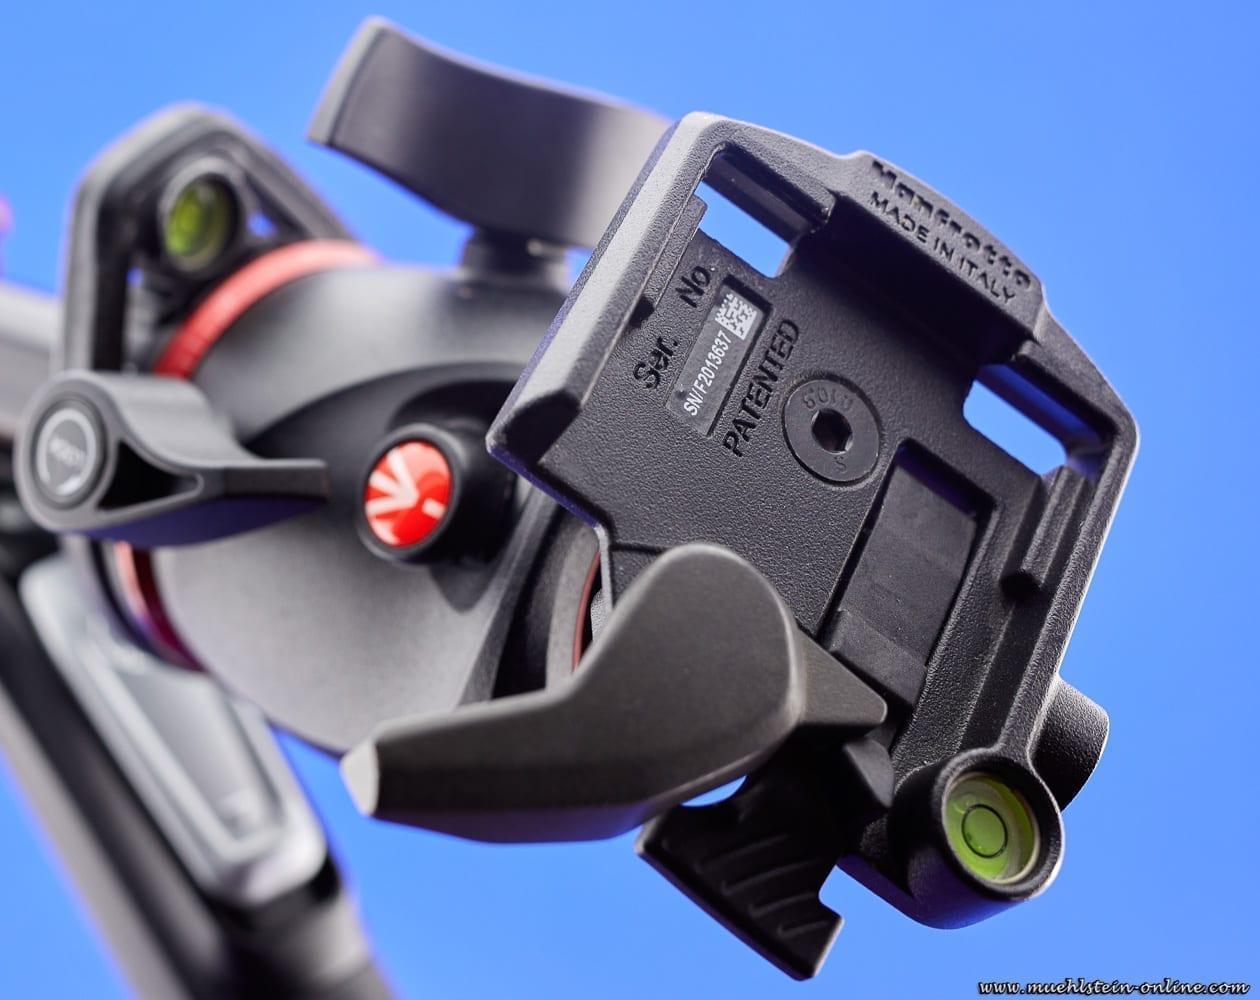 Manfrotto Kugelkopf mit Aufnahme für die Schnellwechselplatte.